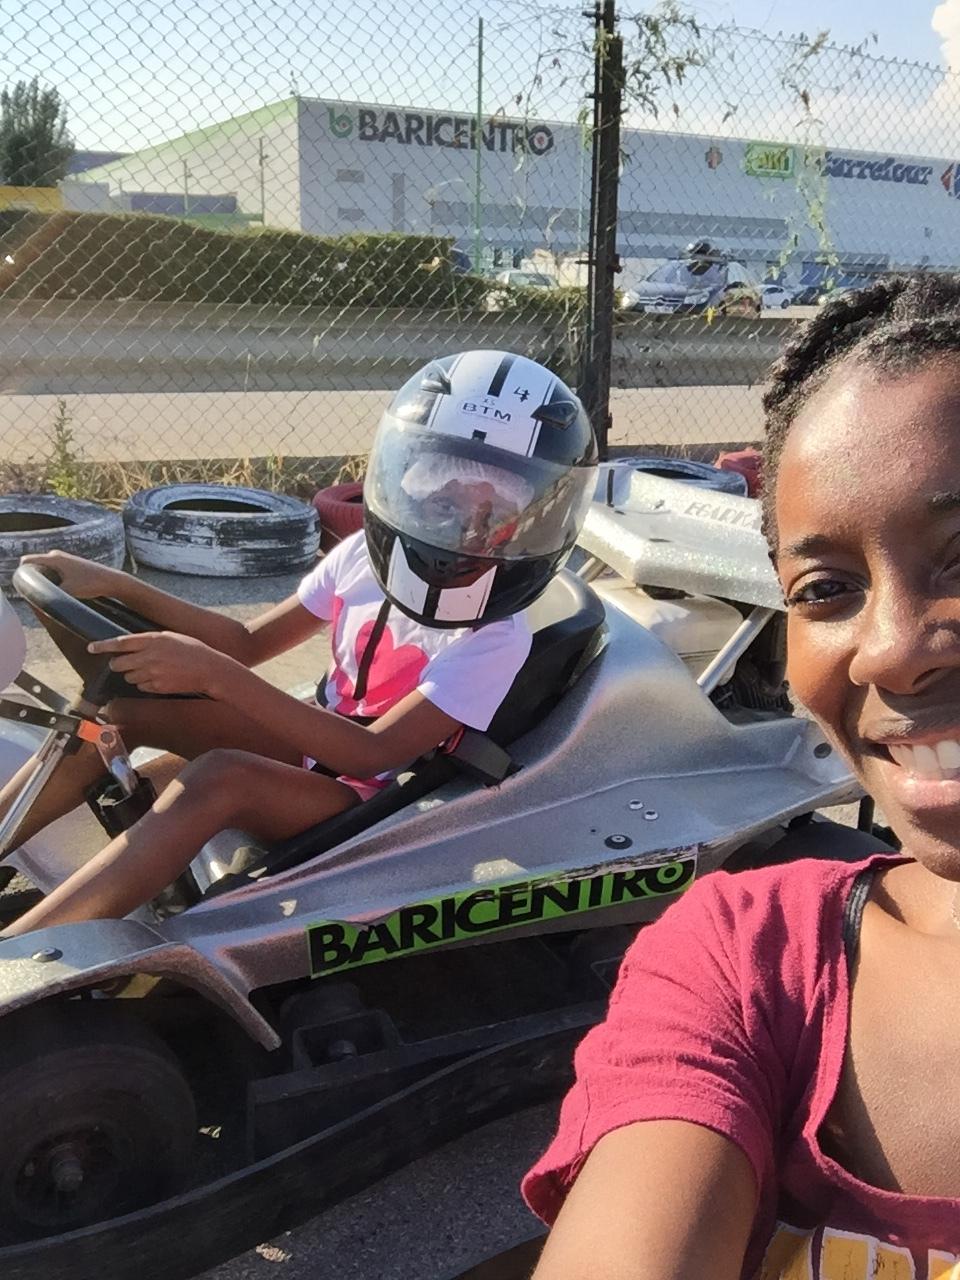 Go-karting in Barcelona!